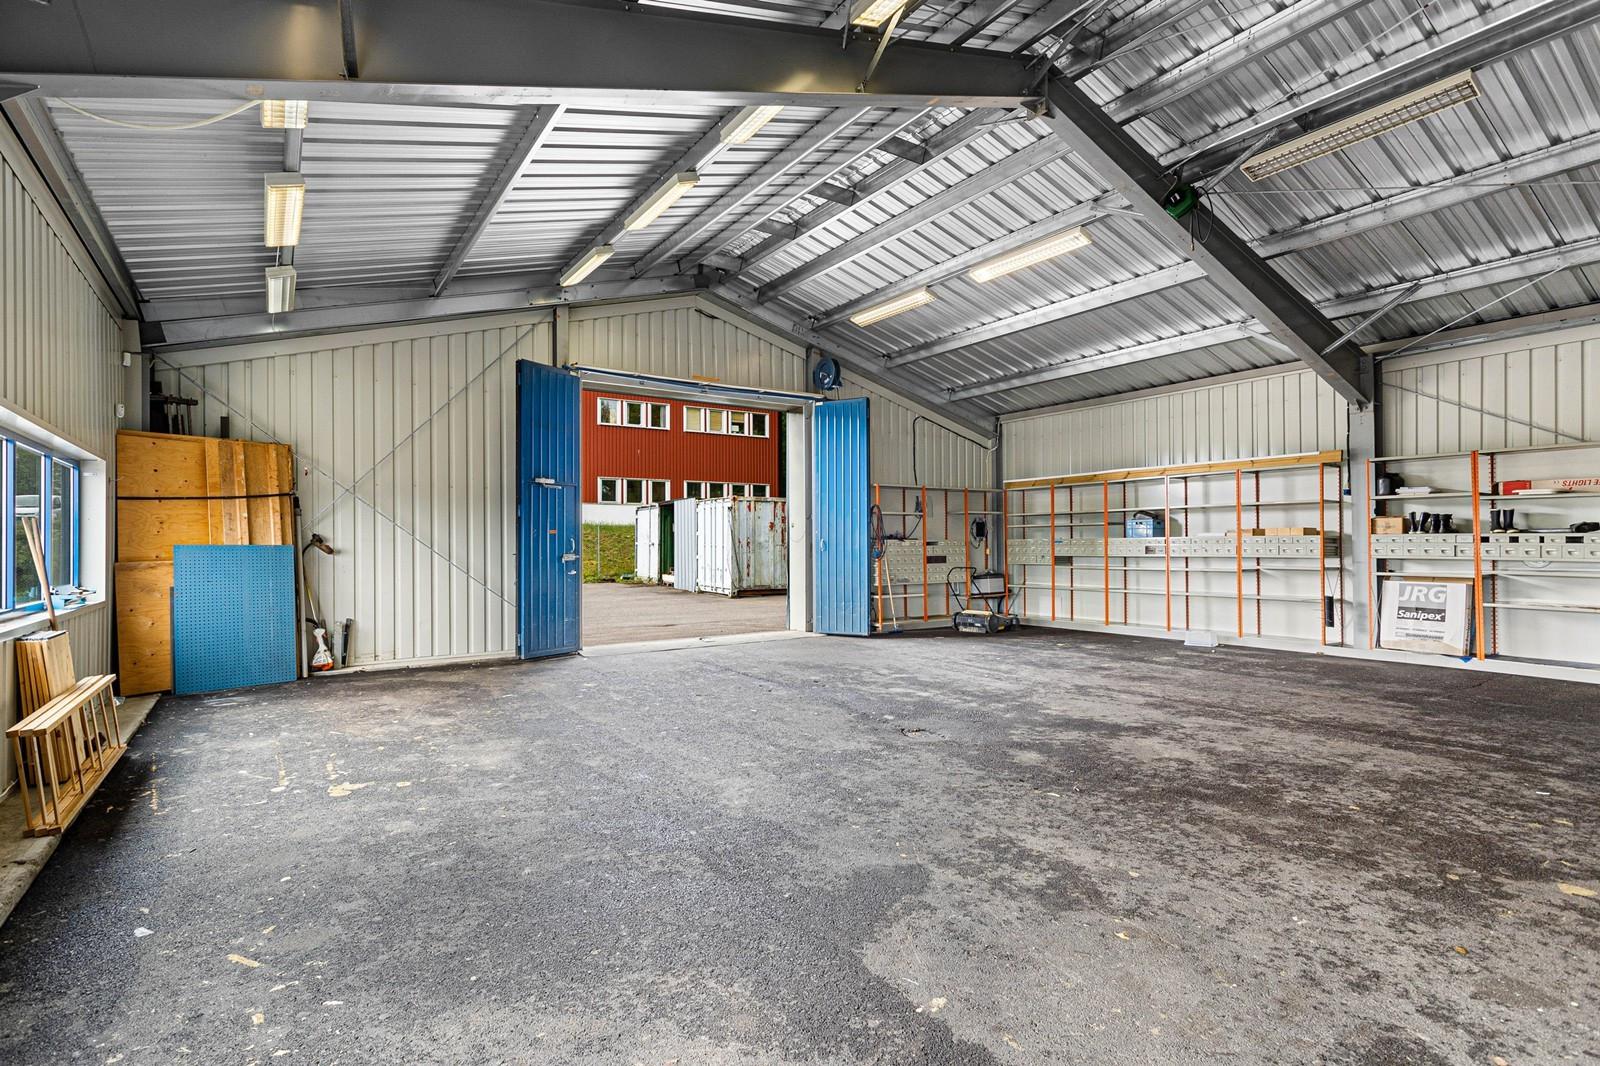 God adkomst til verksted via kjøreport, asfaltert dekke og gode lysforhold